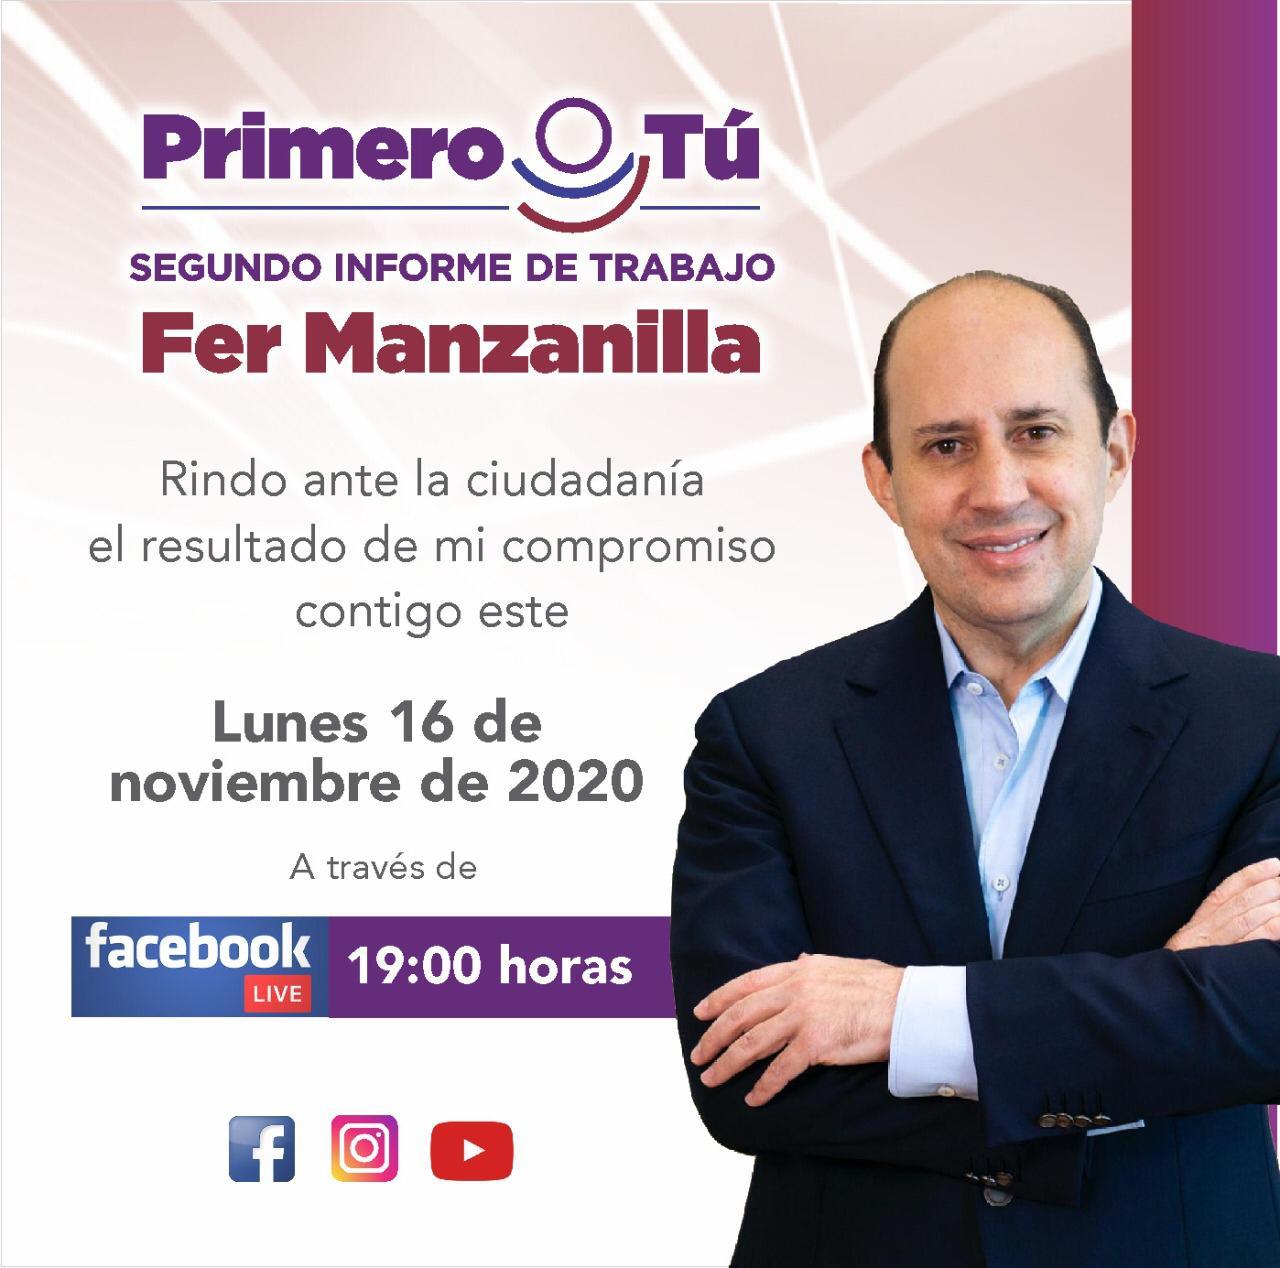 Fer Manzanilla 12.11.20